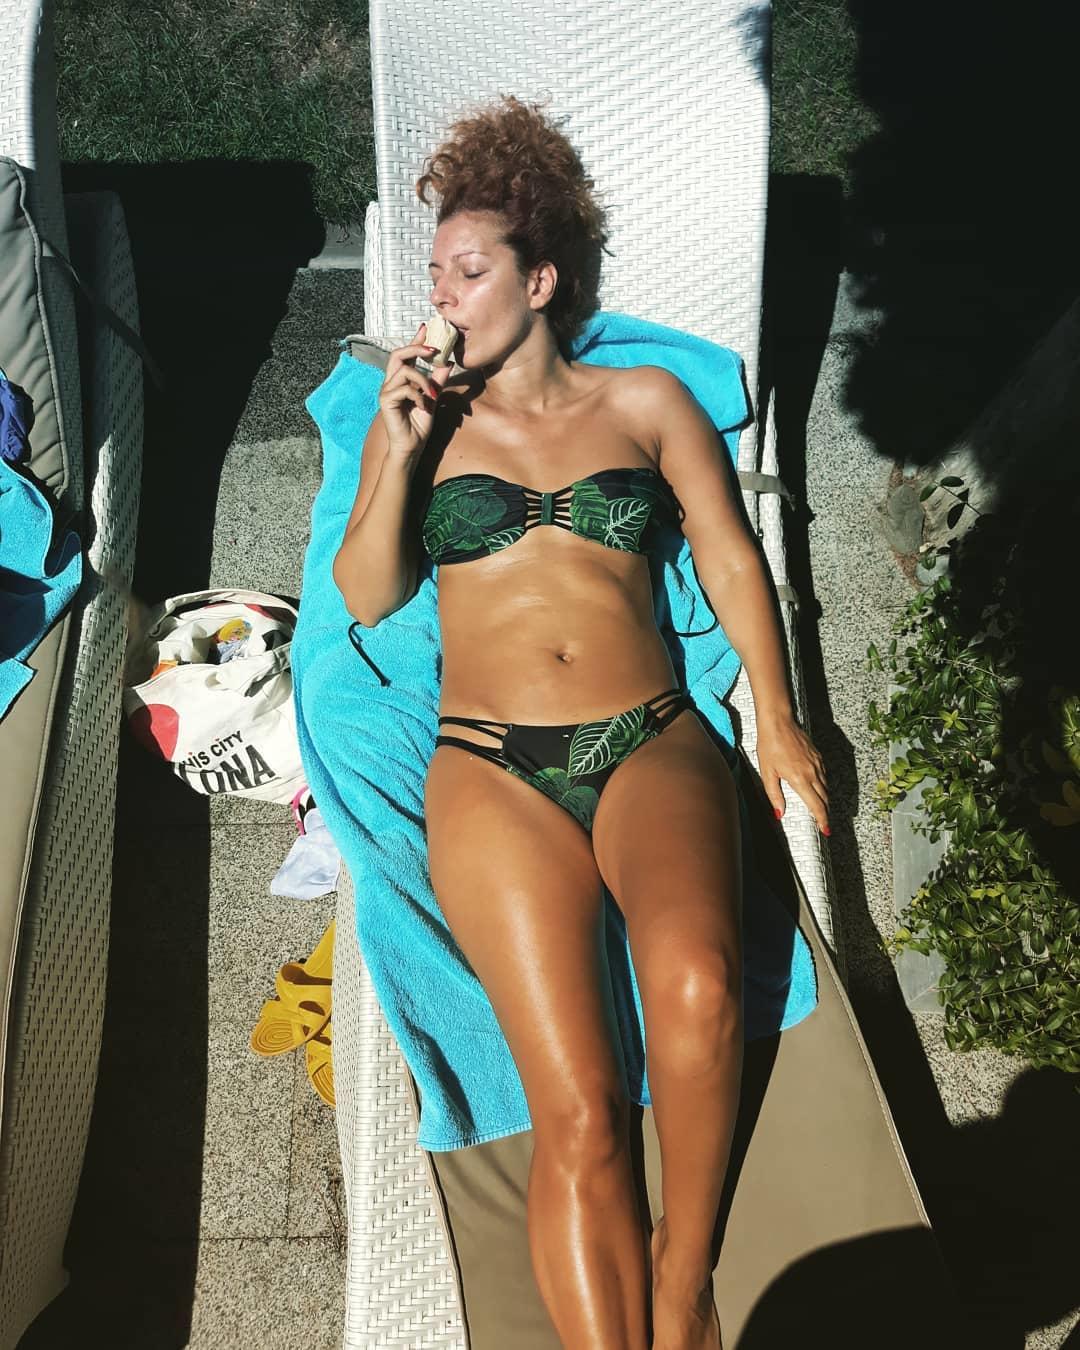 Юлия Коган: Мороженка и солнце,лучшее сочетание